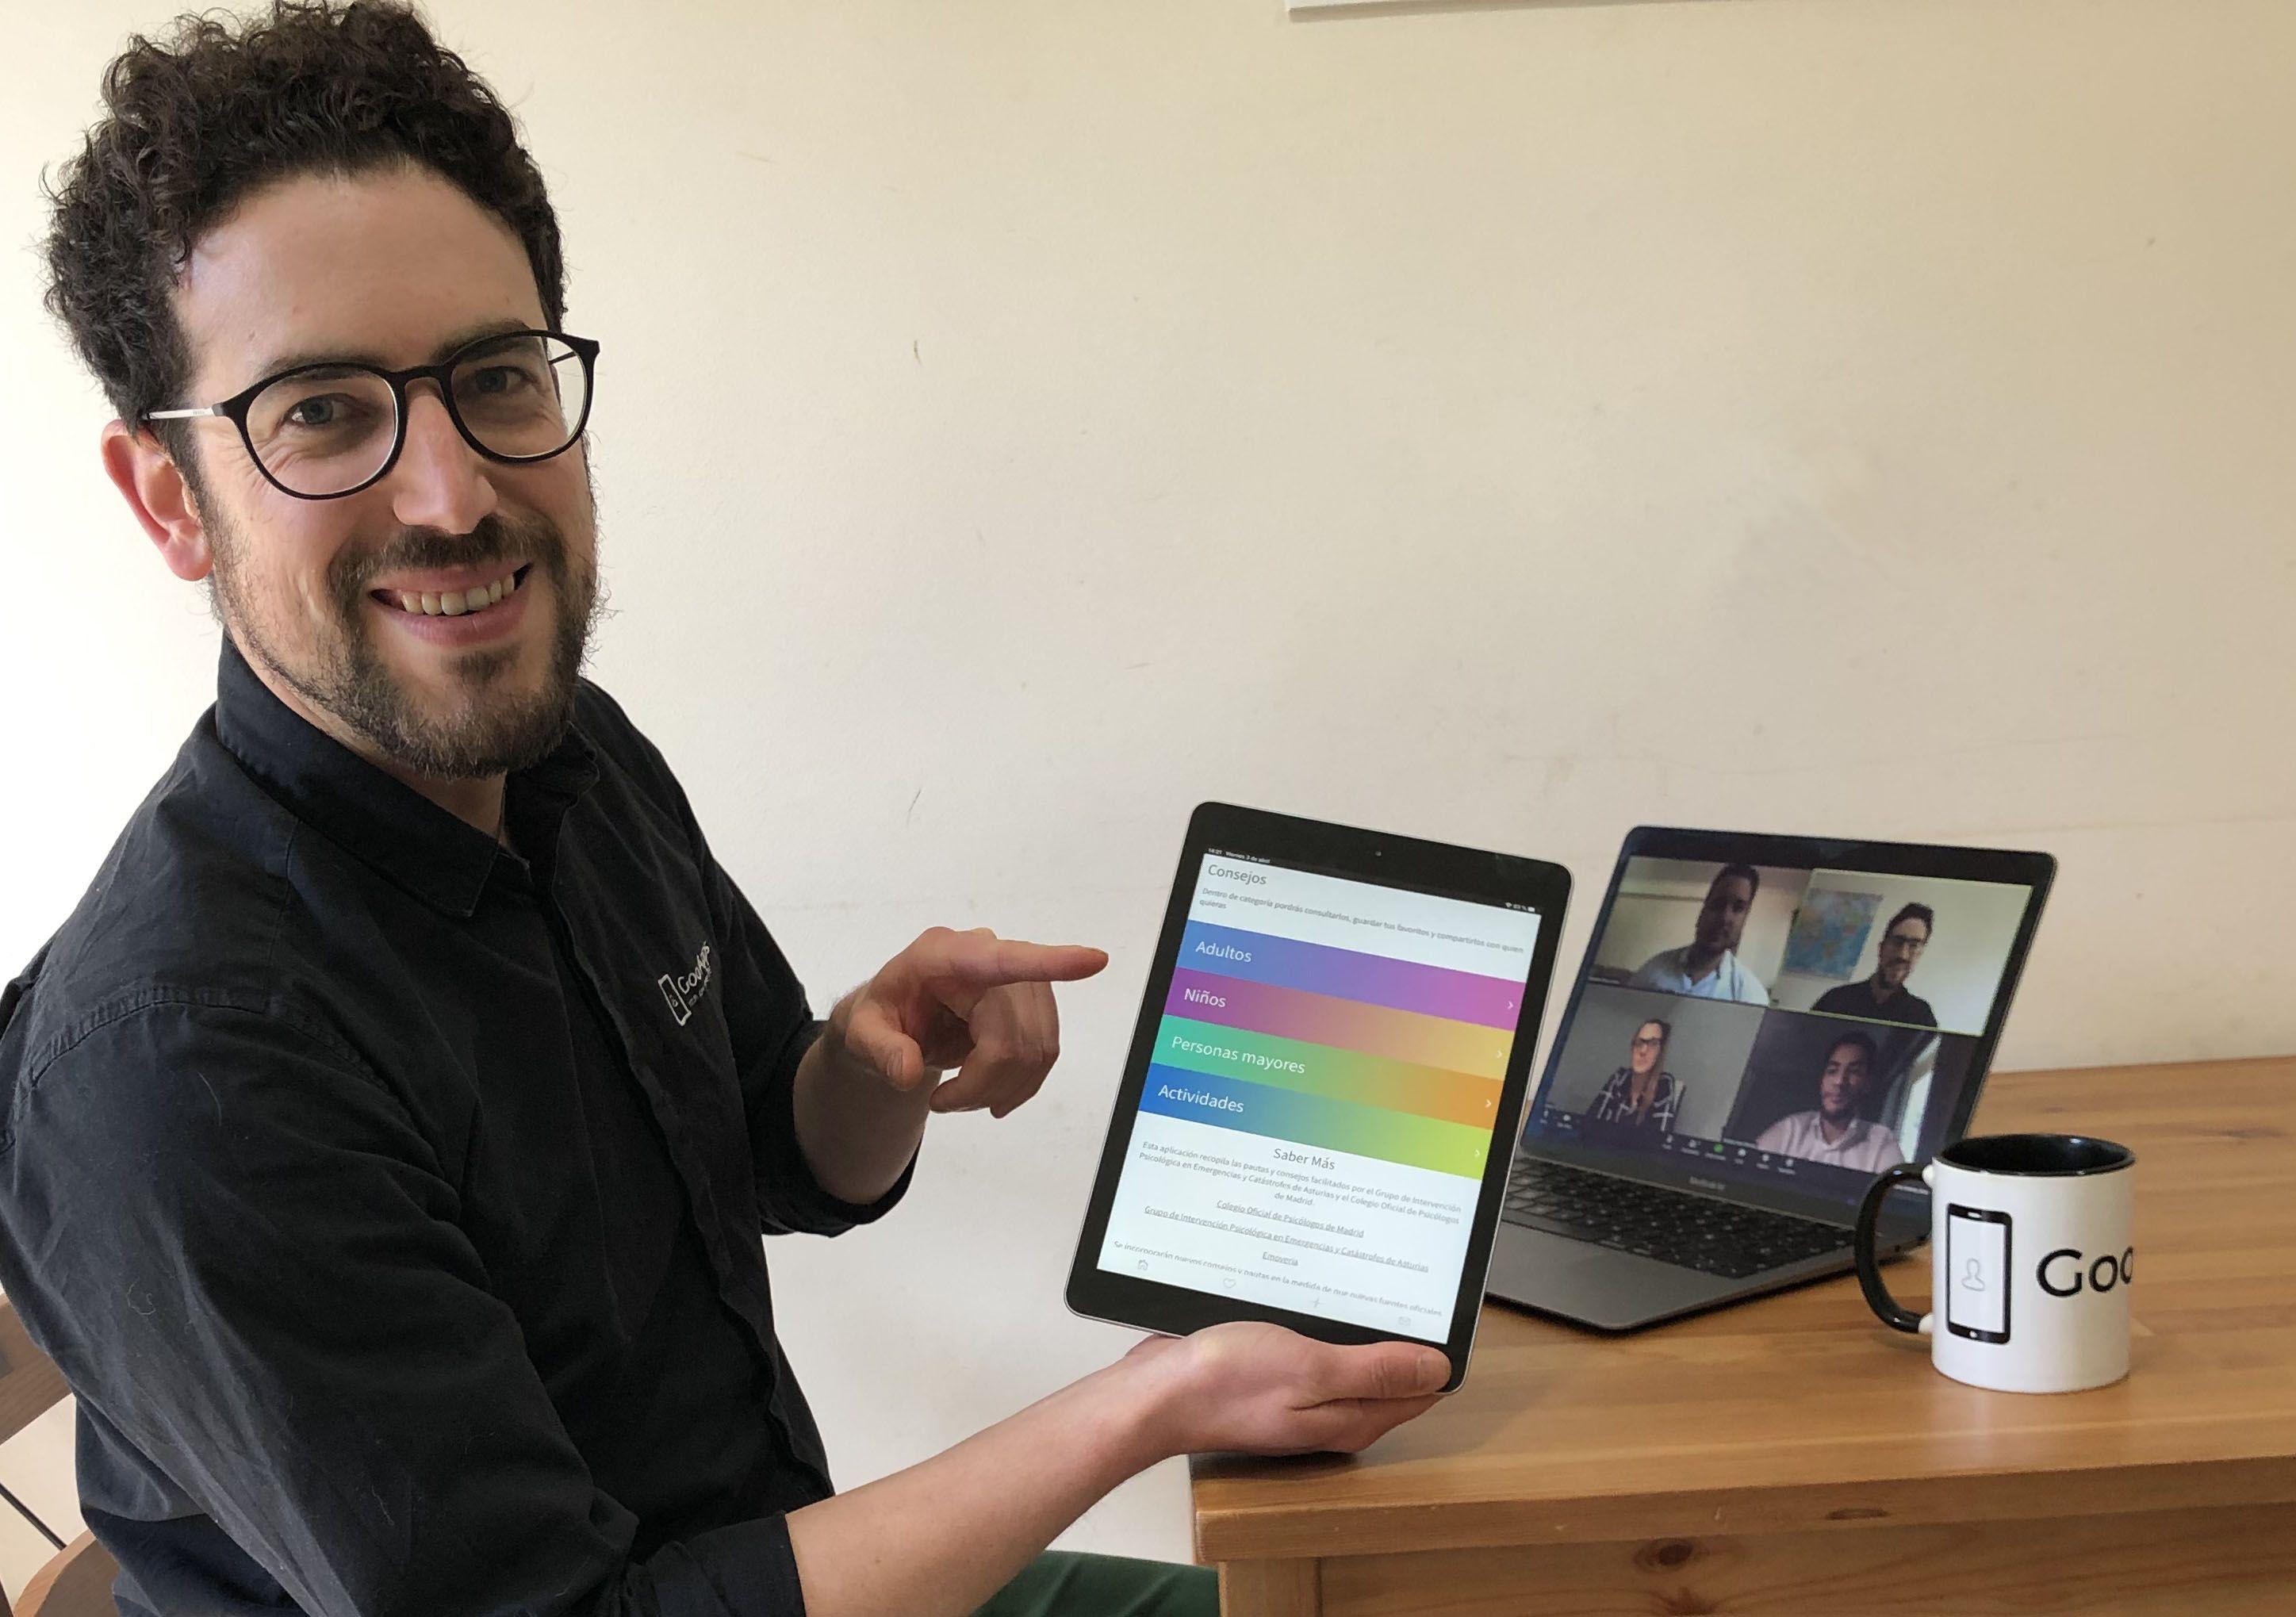 Foto de El equipo de Goo Apps en videoconferencia presentado la app